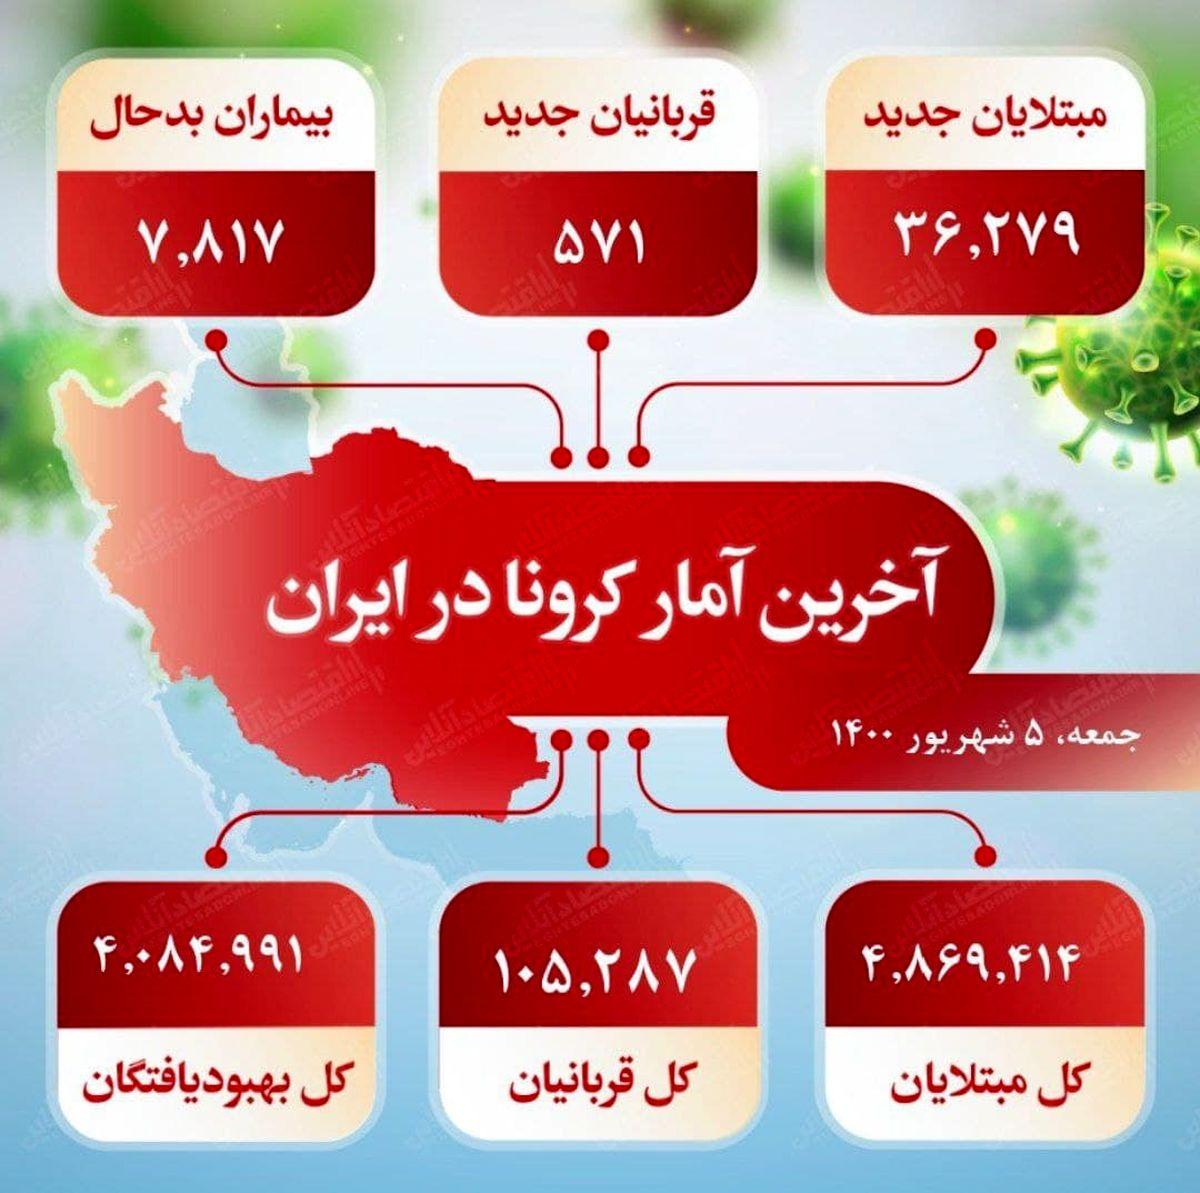 آخرین آمار کرونا در ایران (۱۴۰۰/۶/۵)